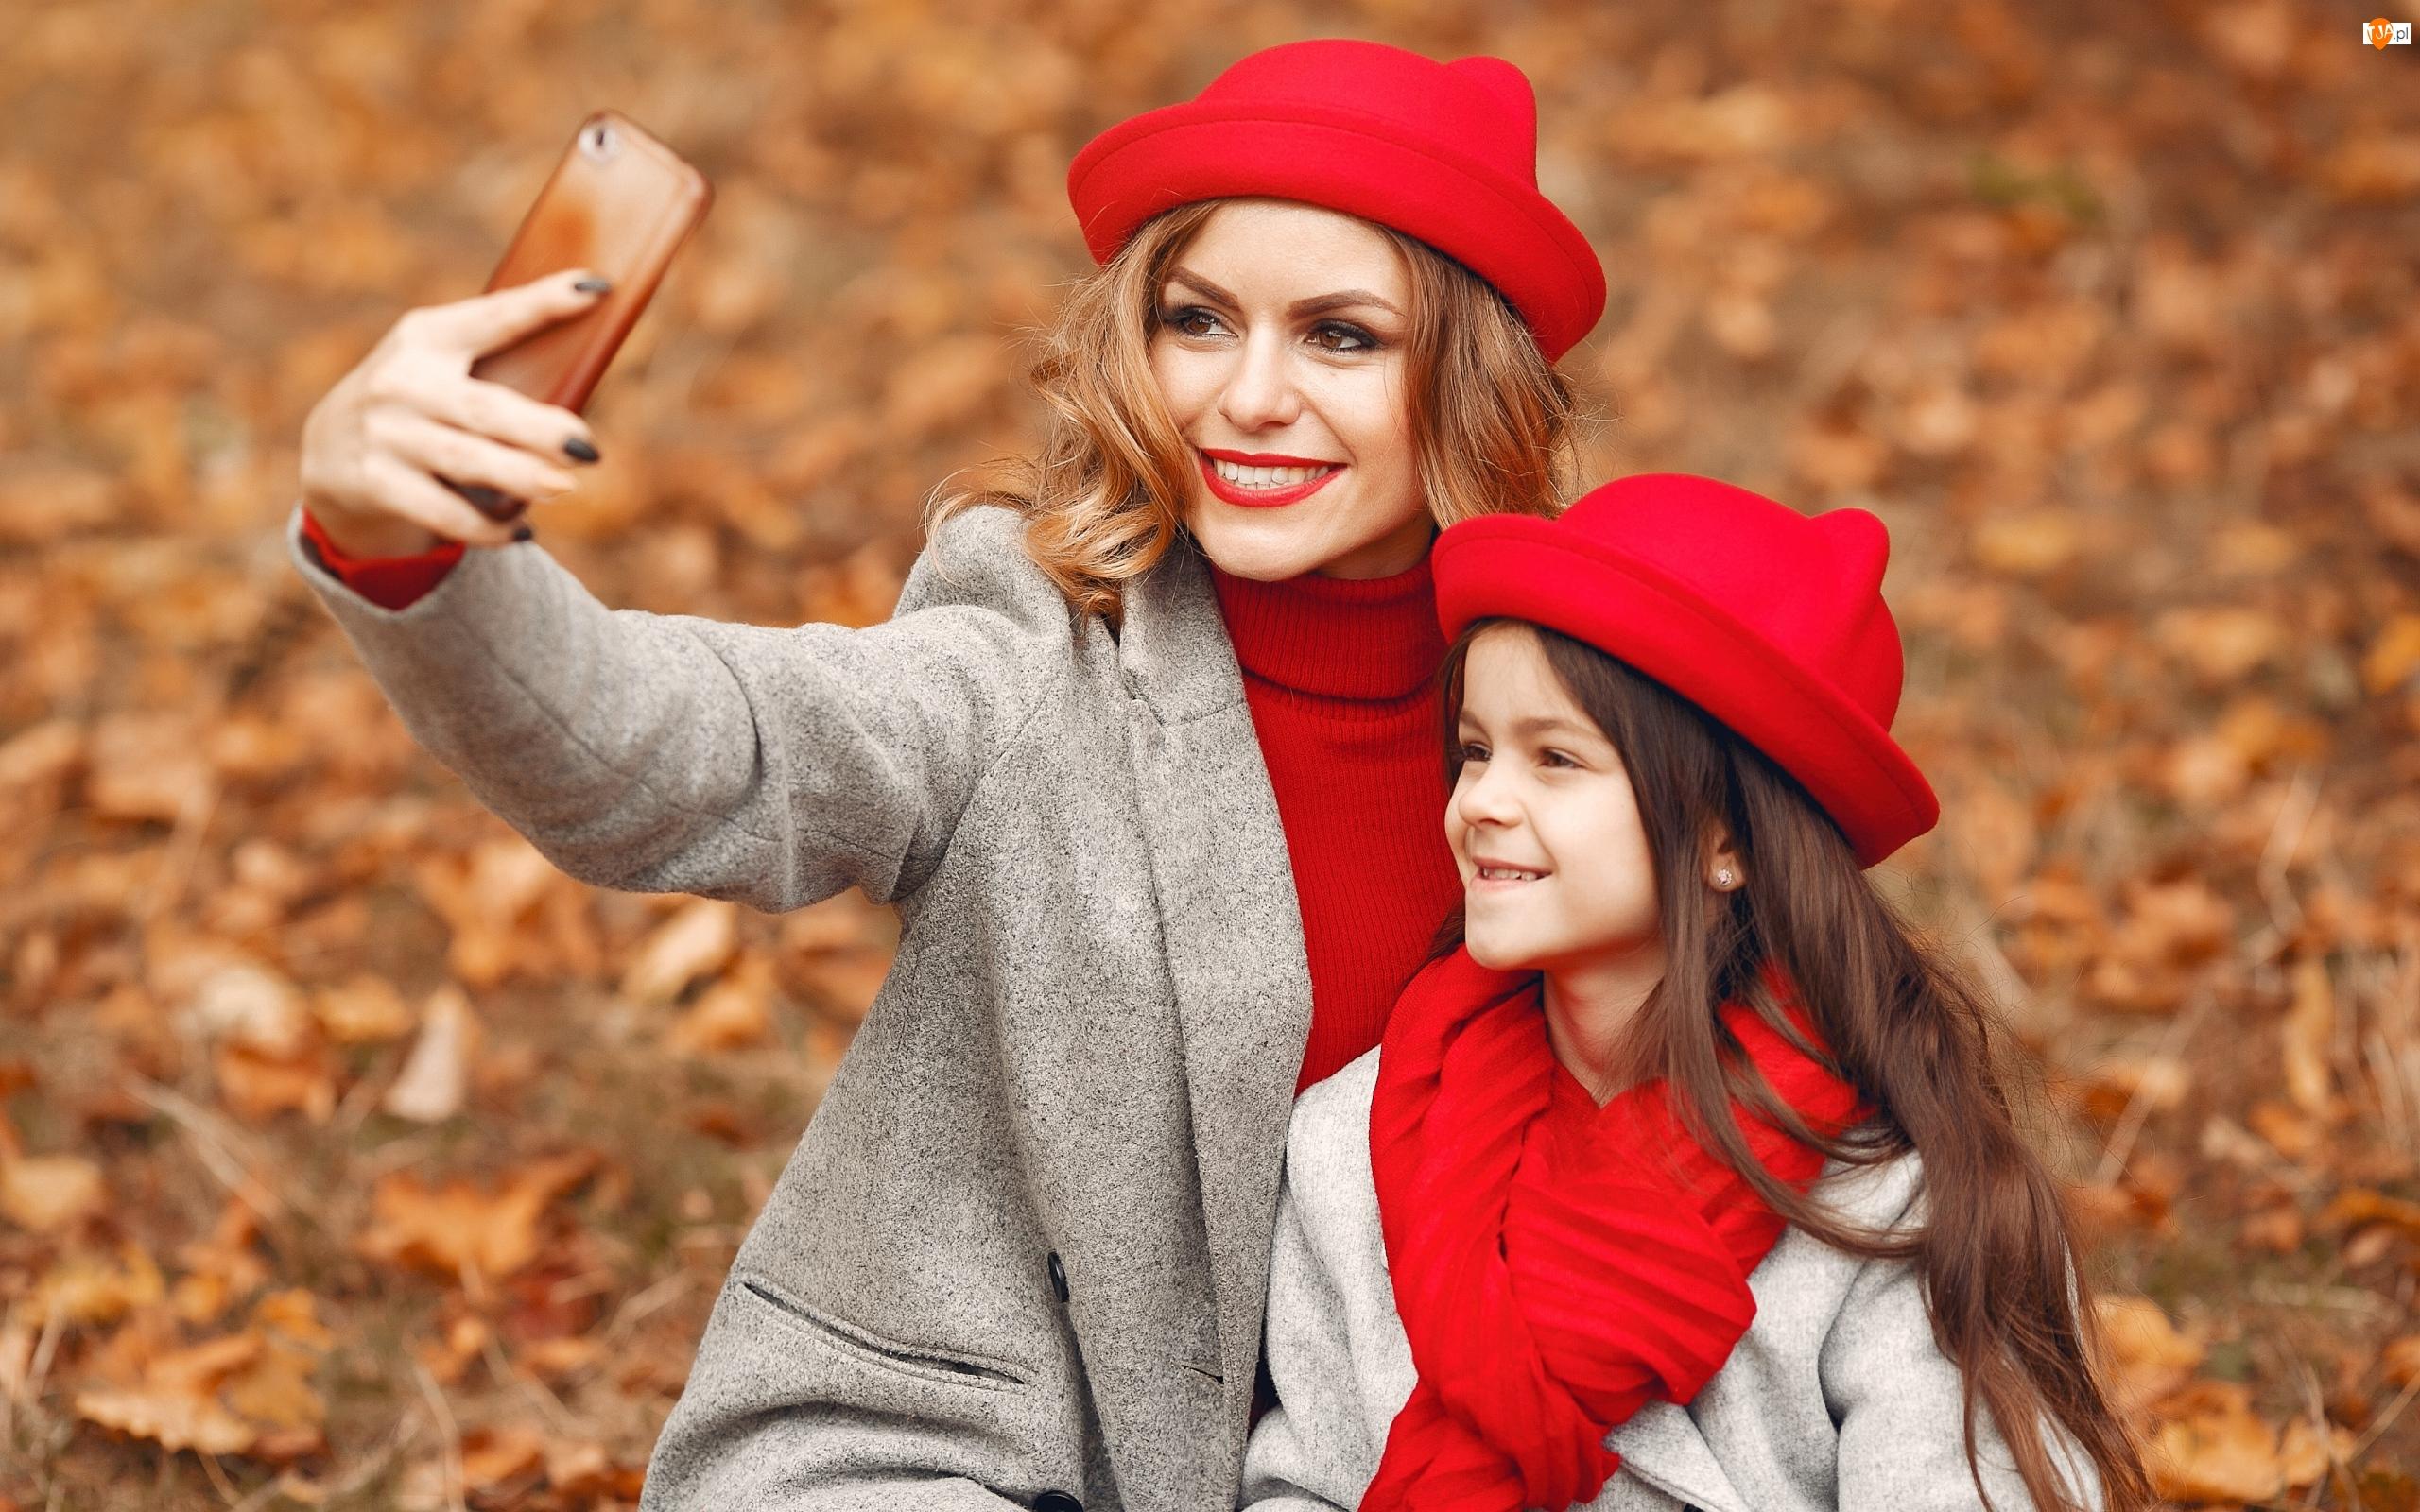 Czerwone, Telefon, Dziecko, Kobieta, Kapelusze